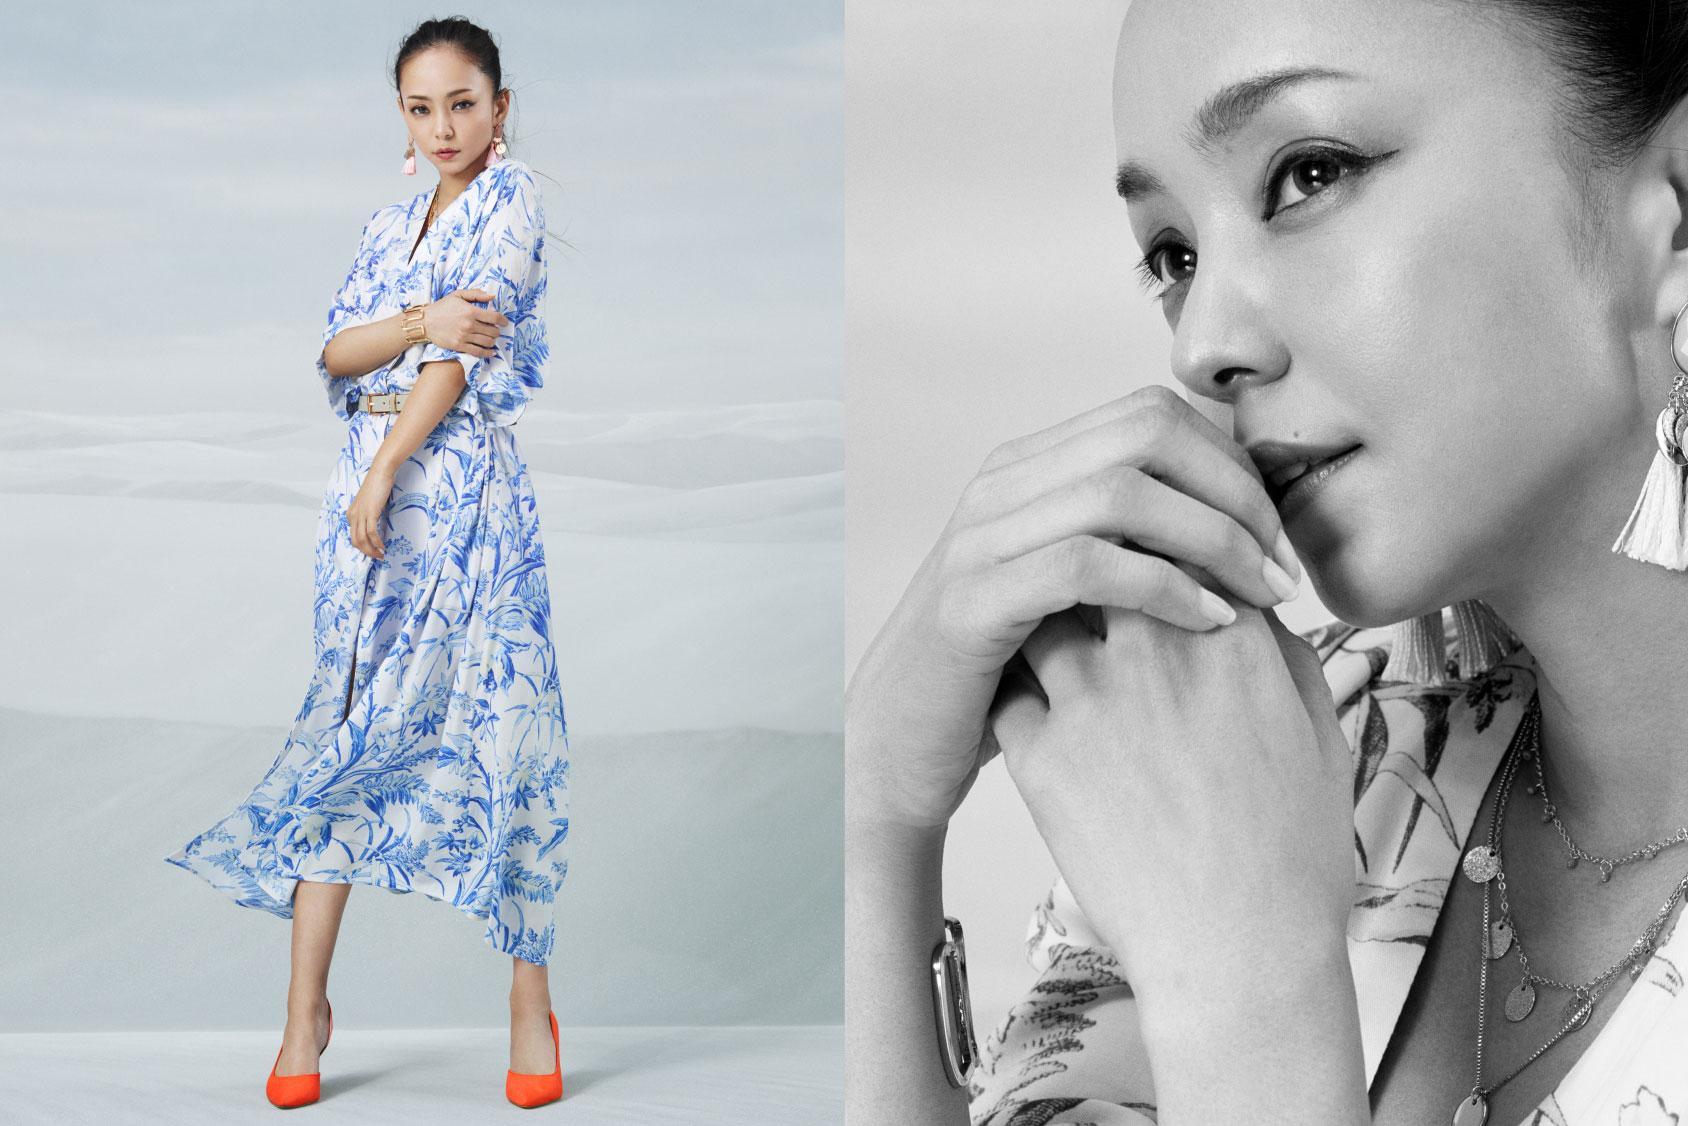 Namie Amuro x H&M: floral dress